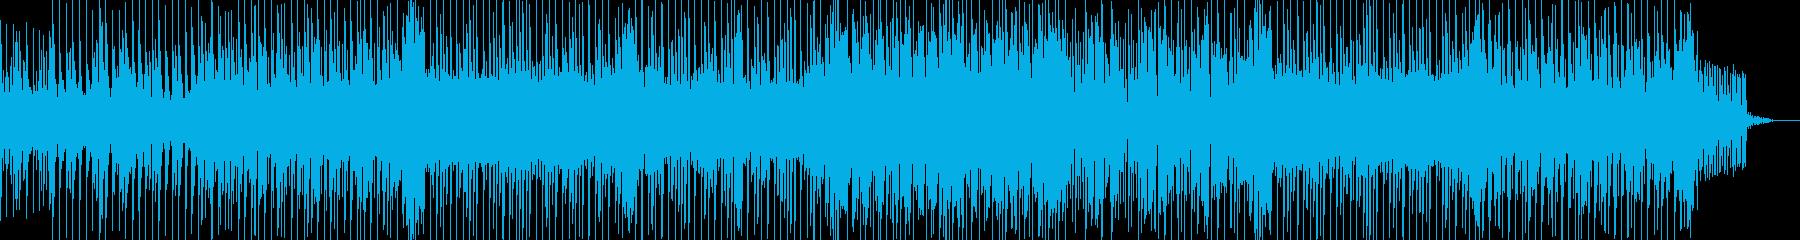 疾走感あふれるウキウキするようなBGMの再生済みの波形